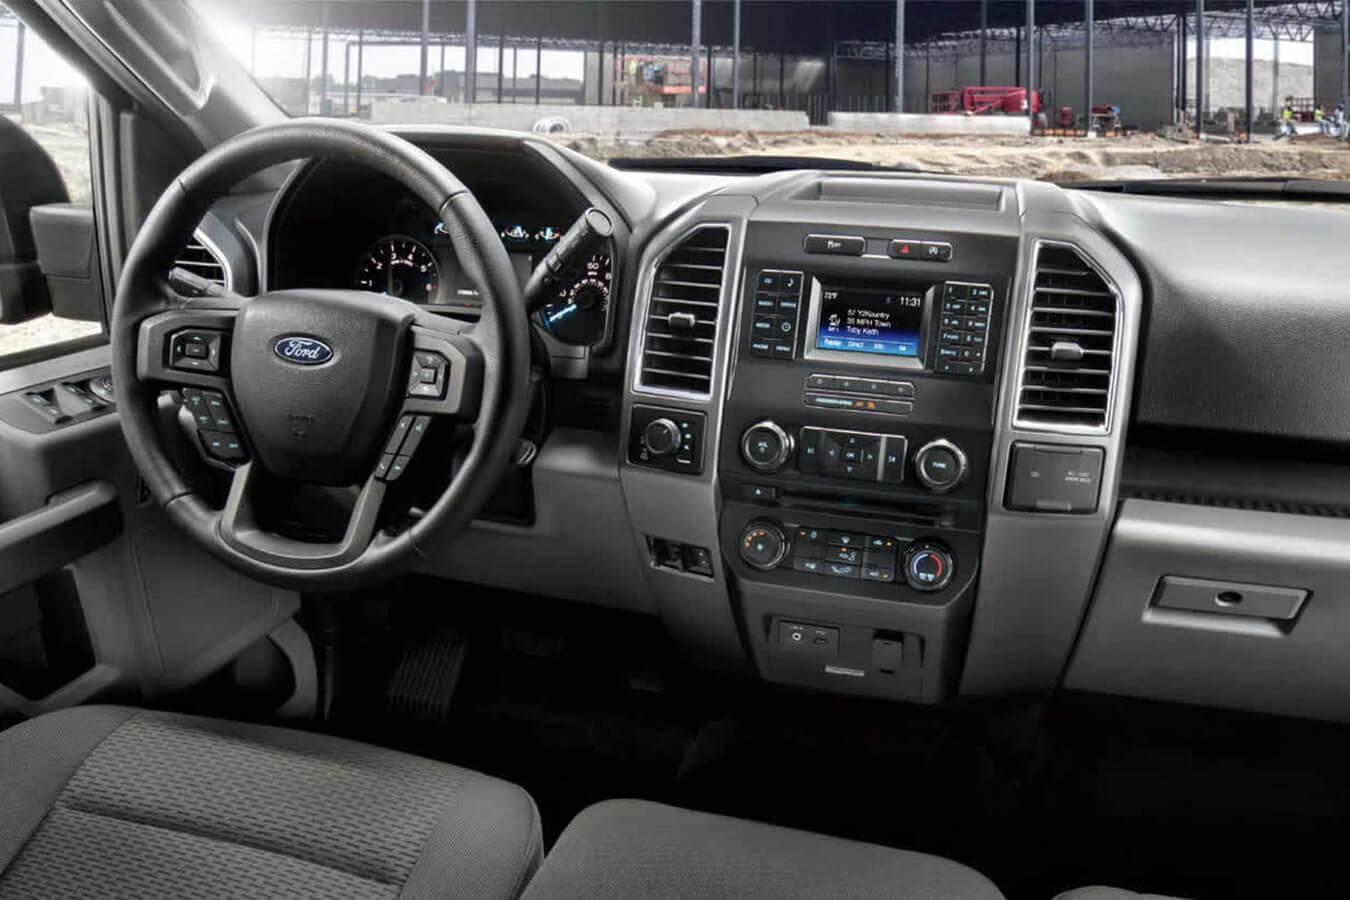 2017 Ford F-150 Dash